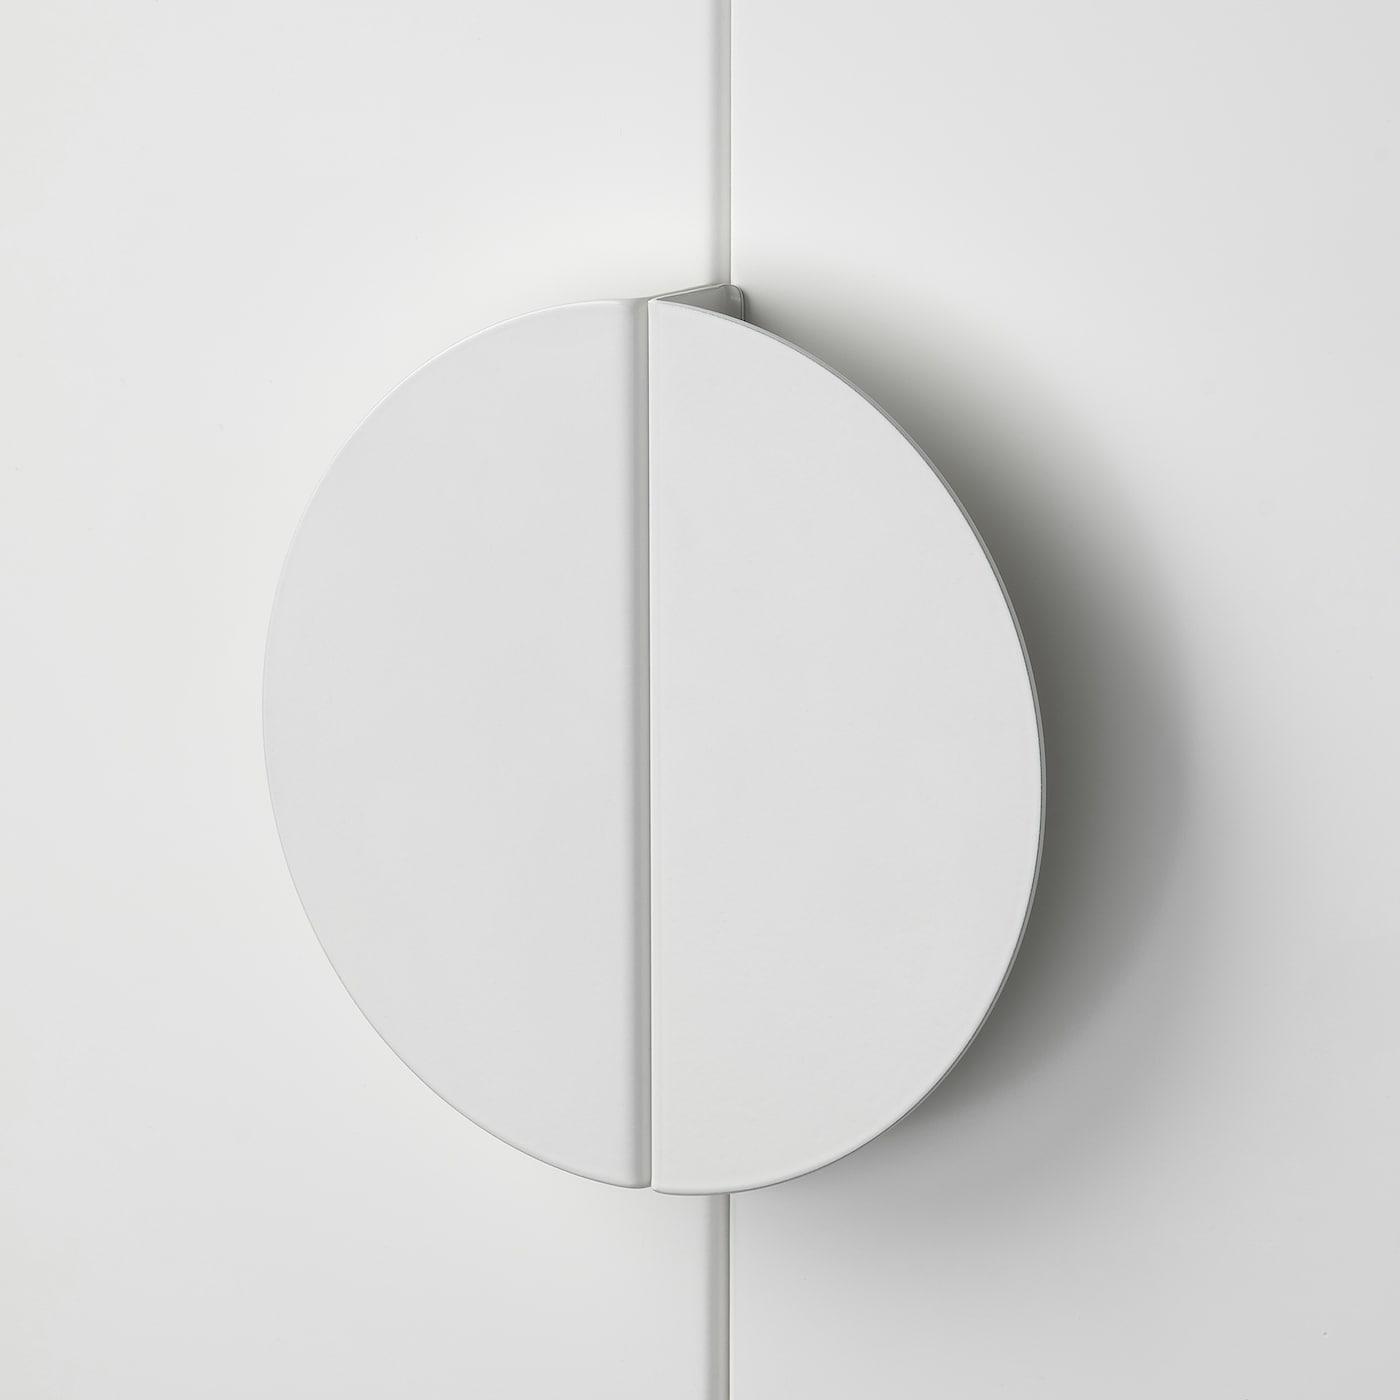 BEGRIPA Handle, white/half-round, 130 mm